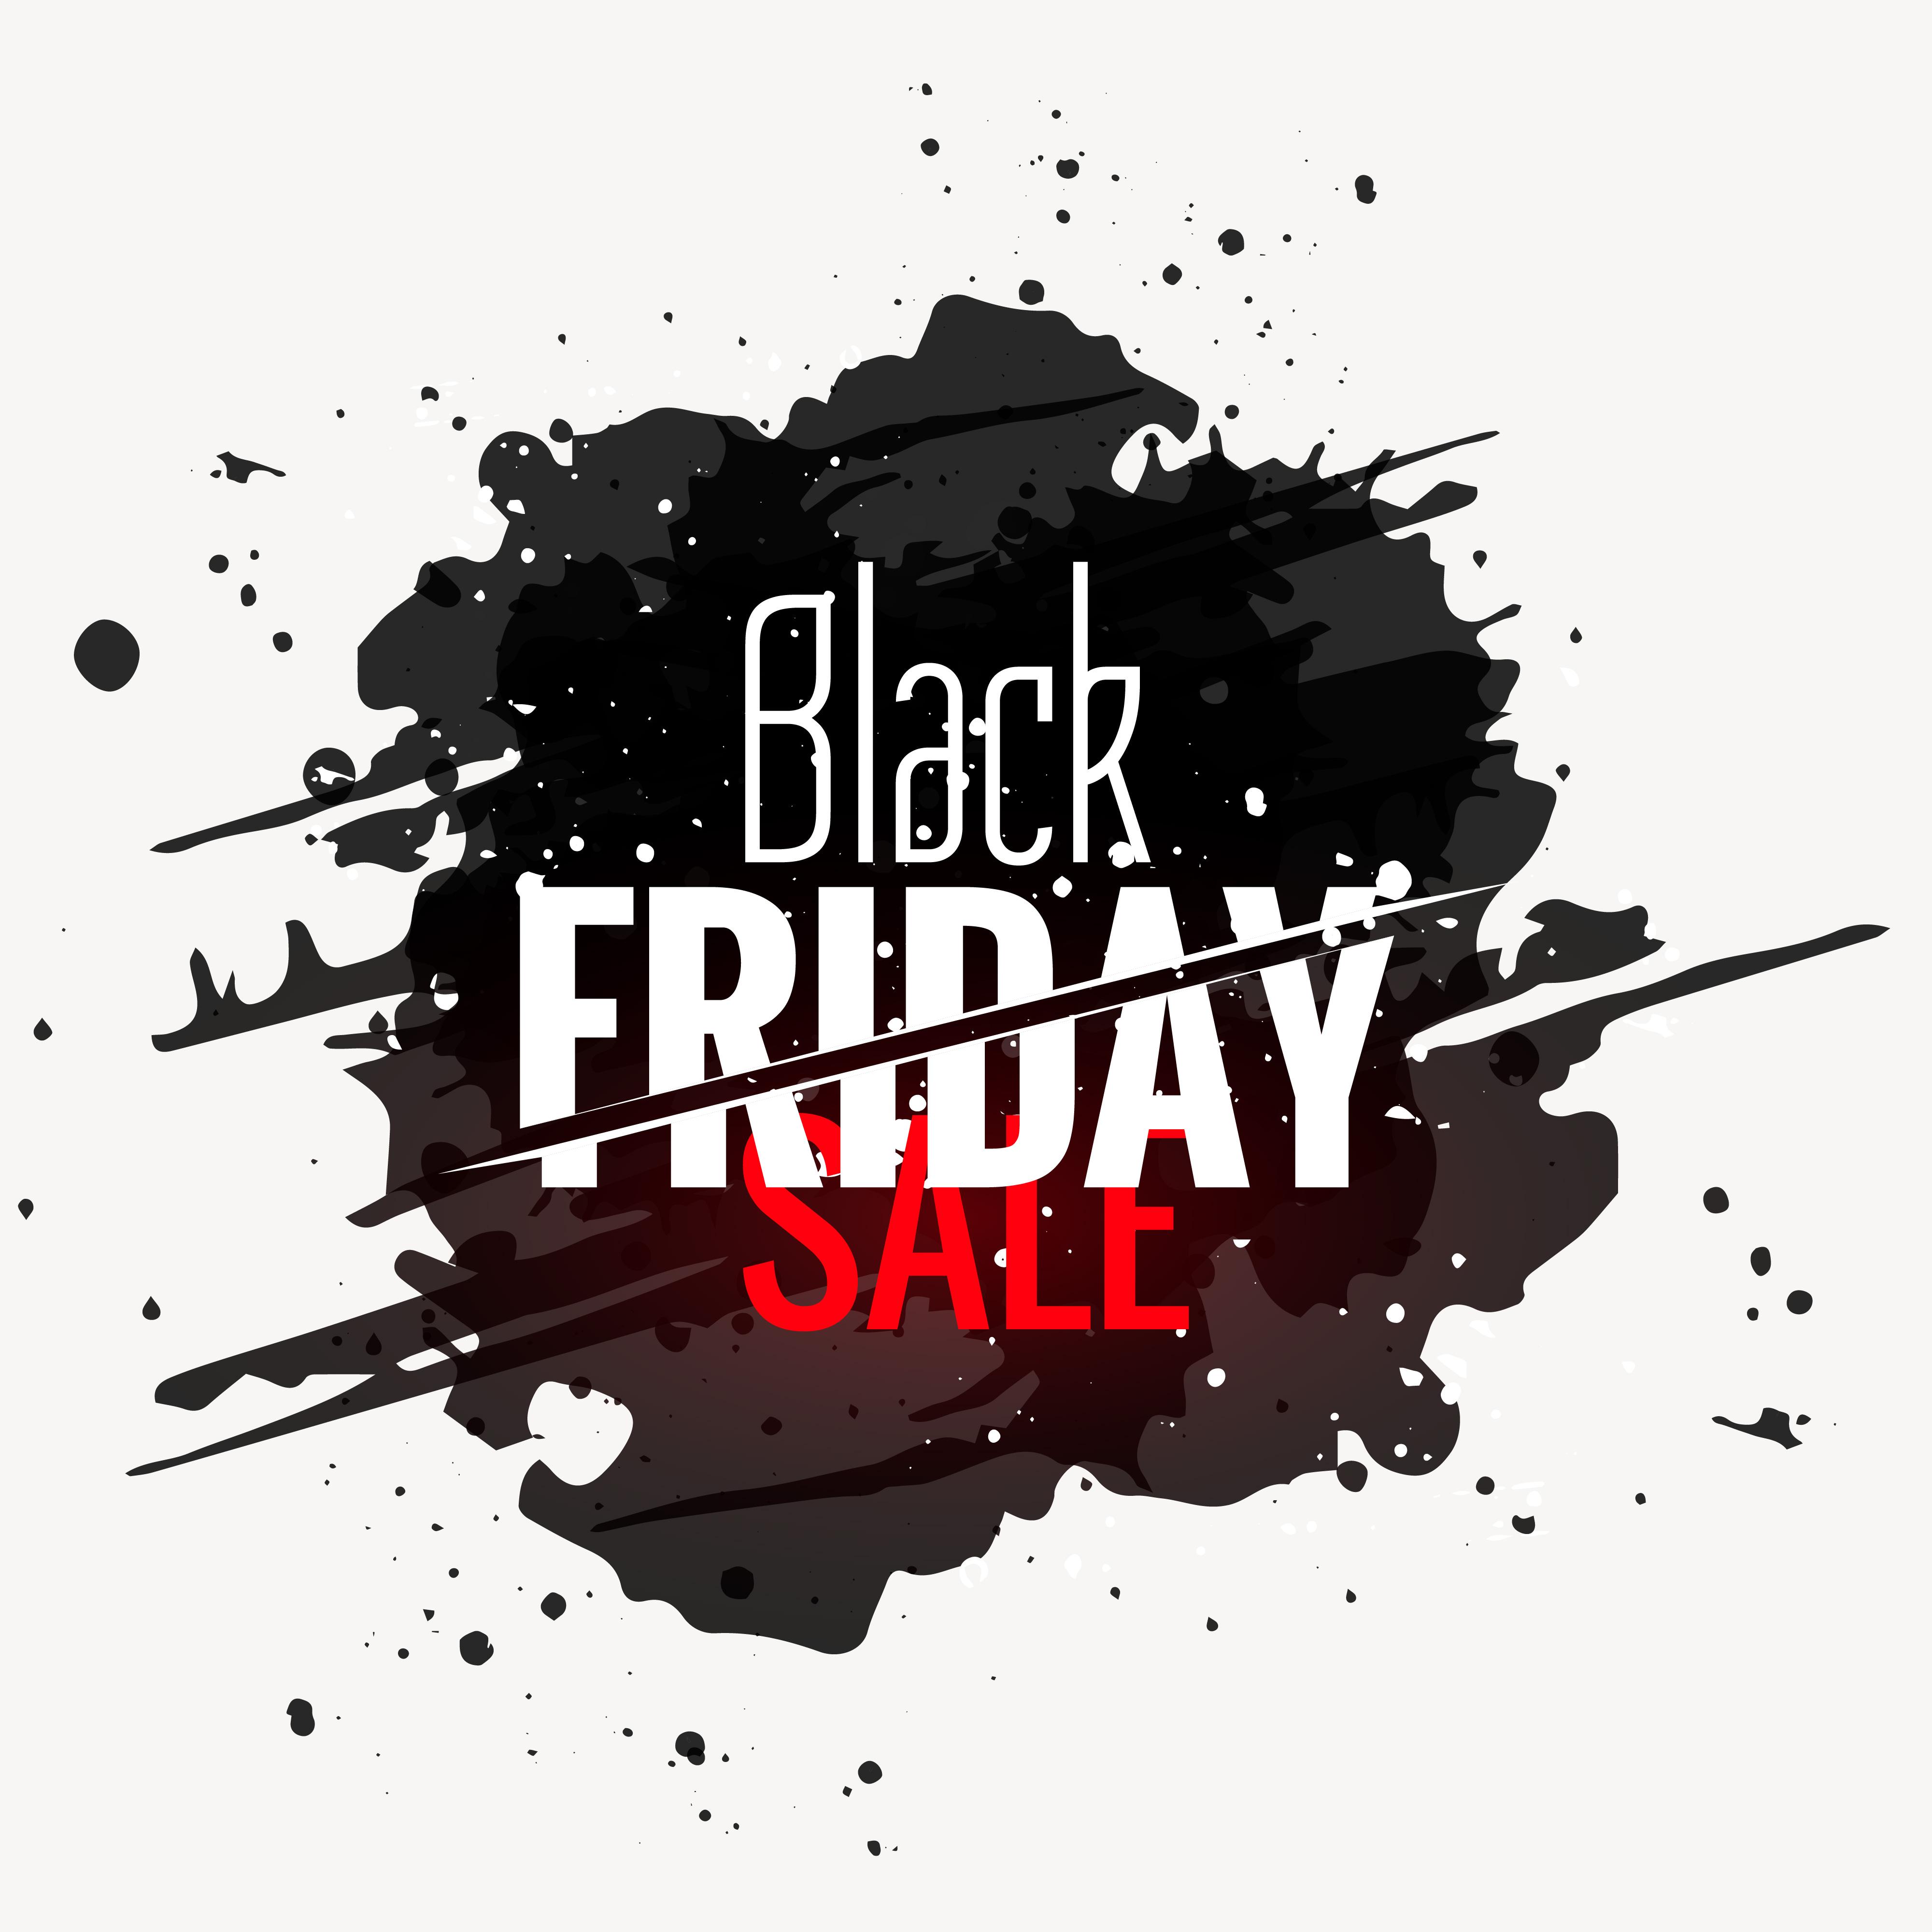 conception d 39 tiquette de style grunge noir vendredi vente t l chargez de l 39 art des. Black Bedroom Furniture Sets. Home Design Ideas